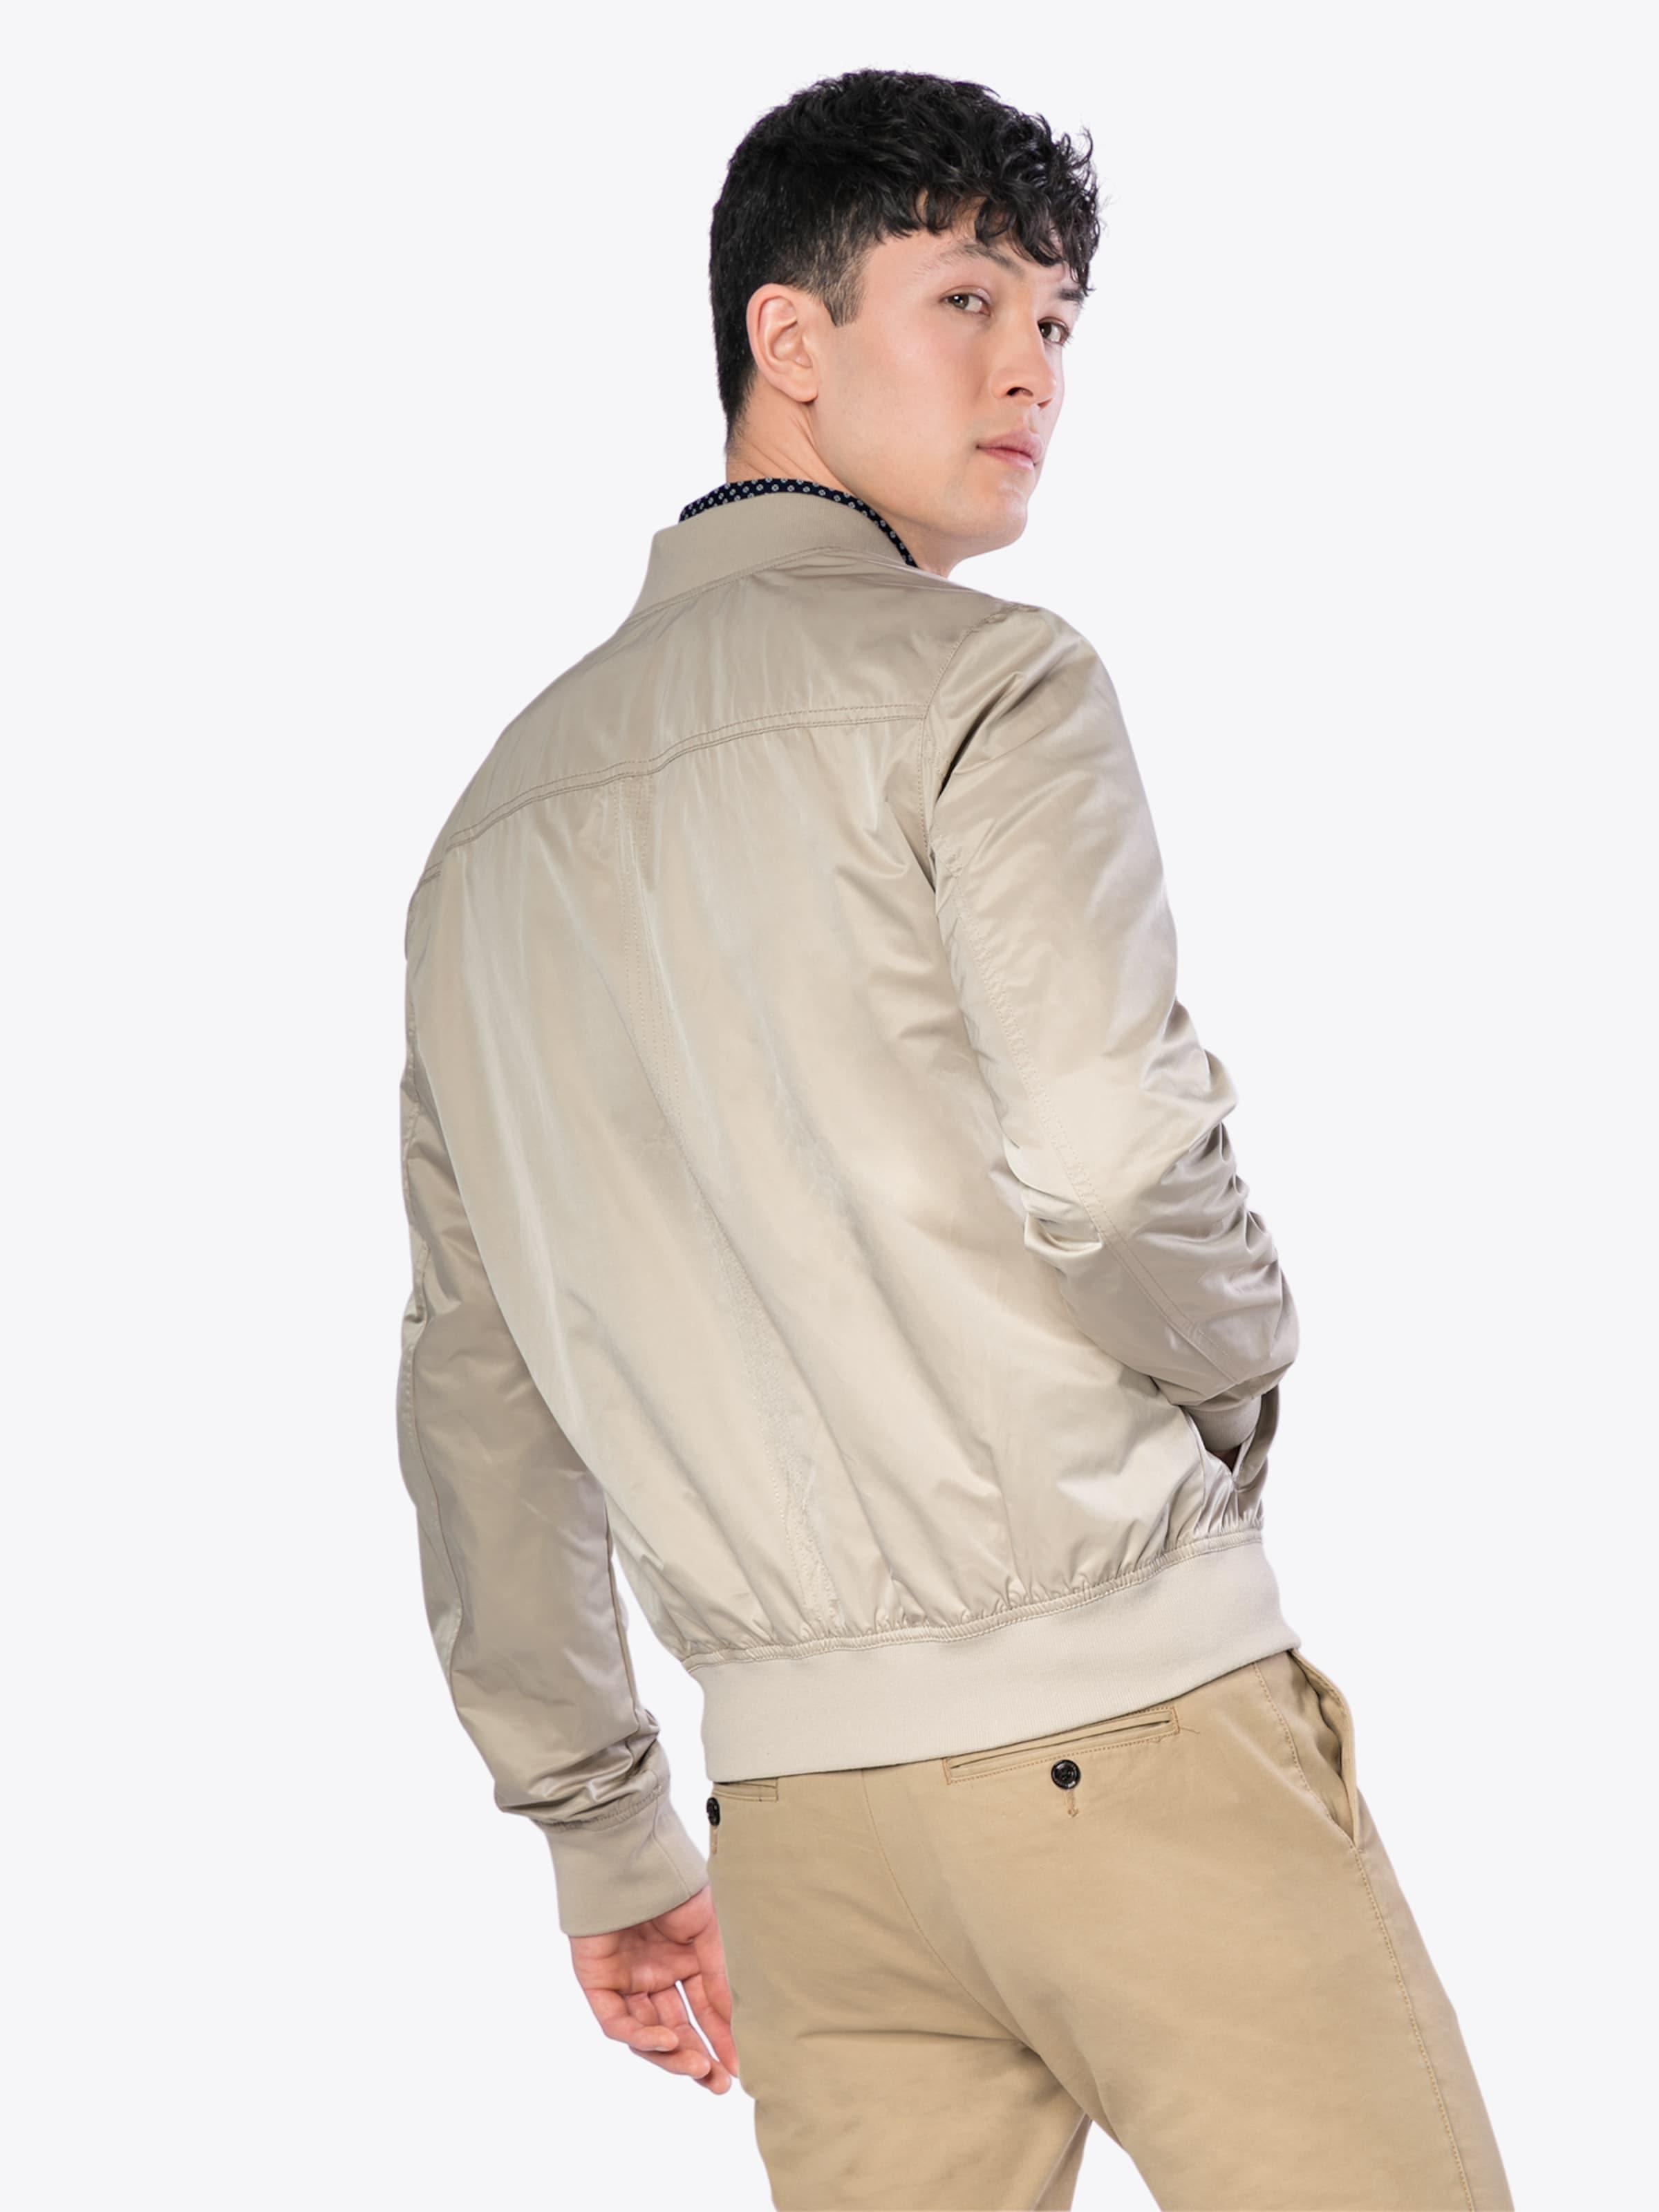 Vorbestellung Geschäft Zum Verkauf Tommy Jeans Jacke 'TJM ESSENTIAL STRAIGHT BOMBER' Billig Wie Viel PqEsU9s